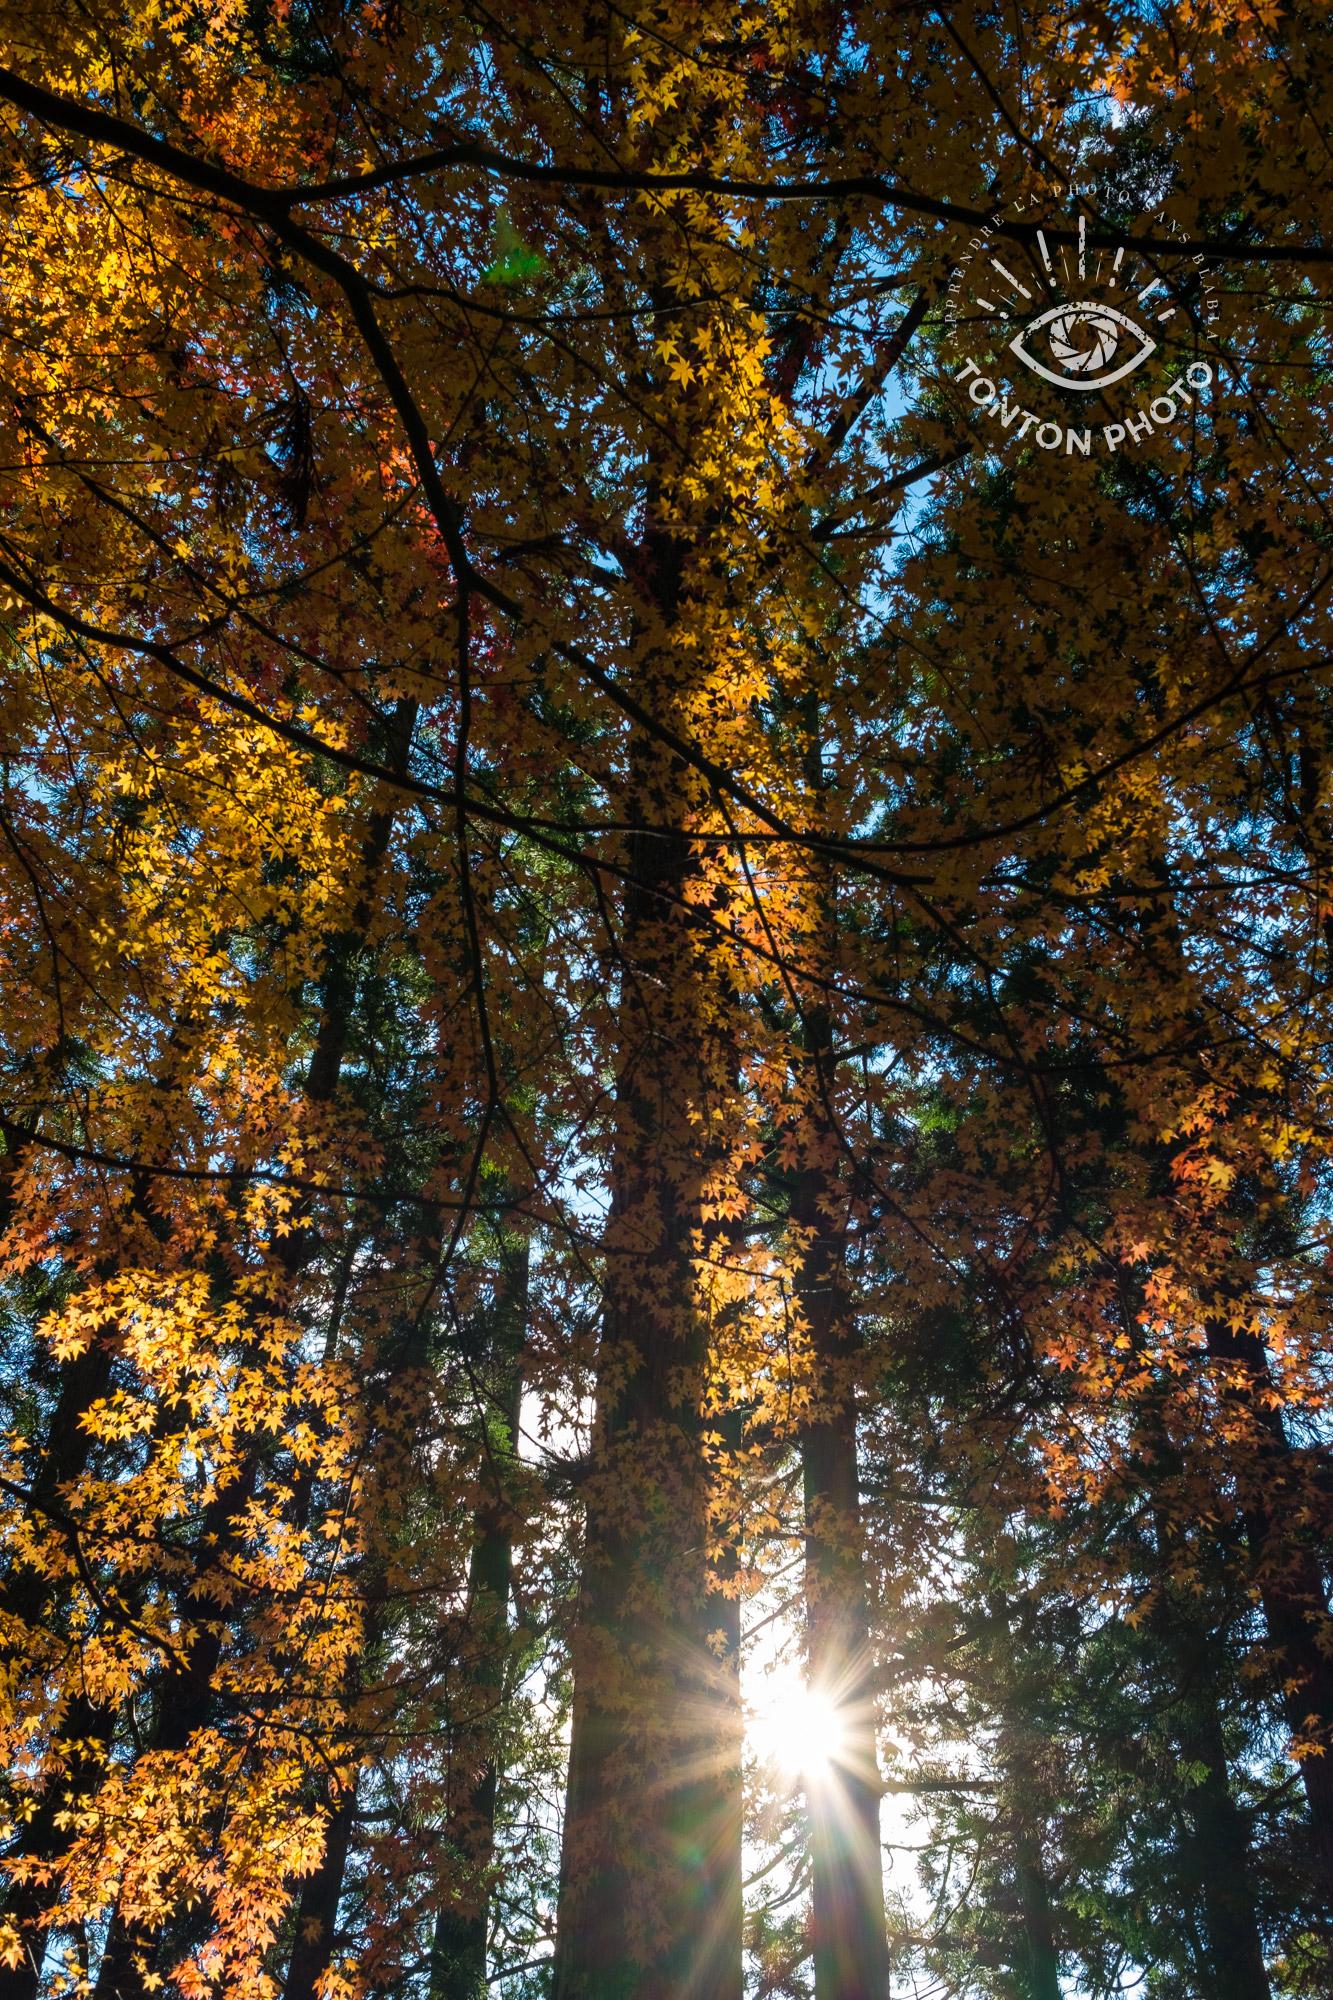 En cachant partiellement le soleil derrière les branchages, j'ai pu capturer les rayons du soleil et jouer sur les jeux d'ombre et de lumière. Forêt d'Okuno-in, Koyasan, Japon © Tonton Photo